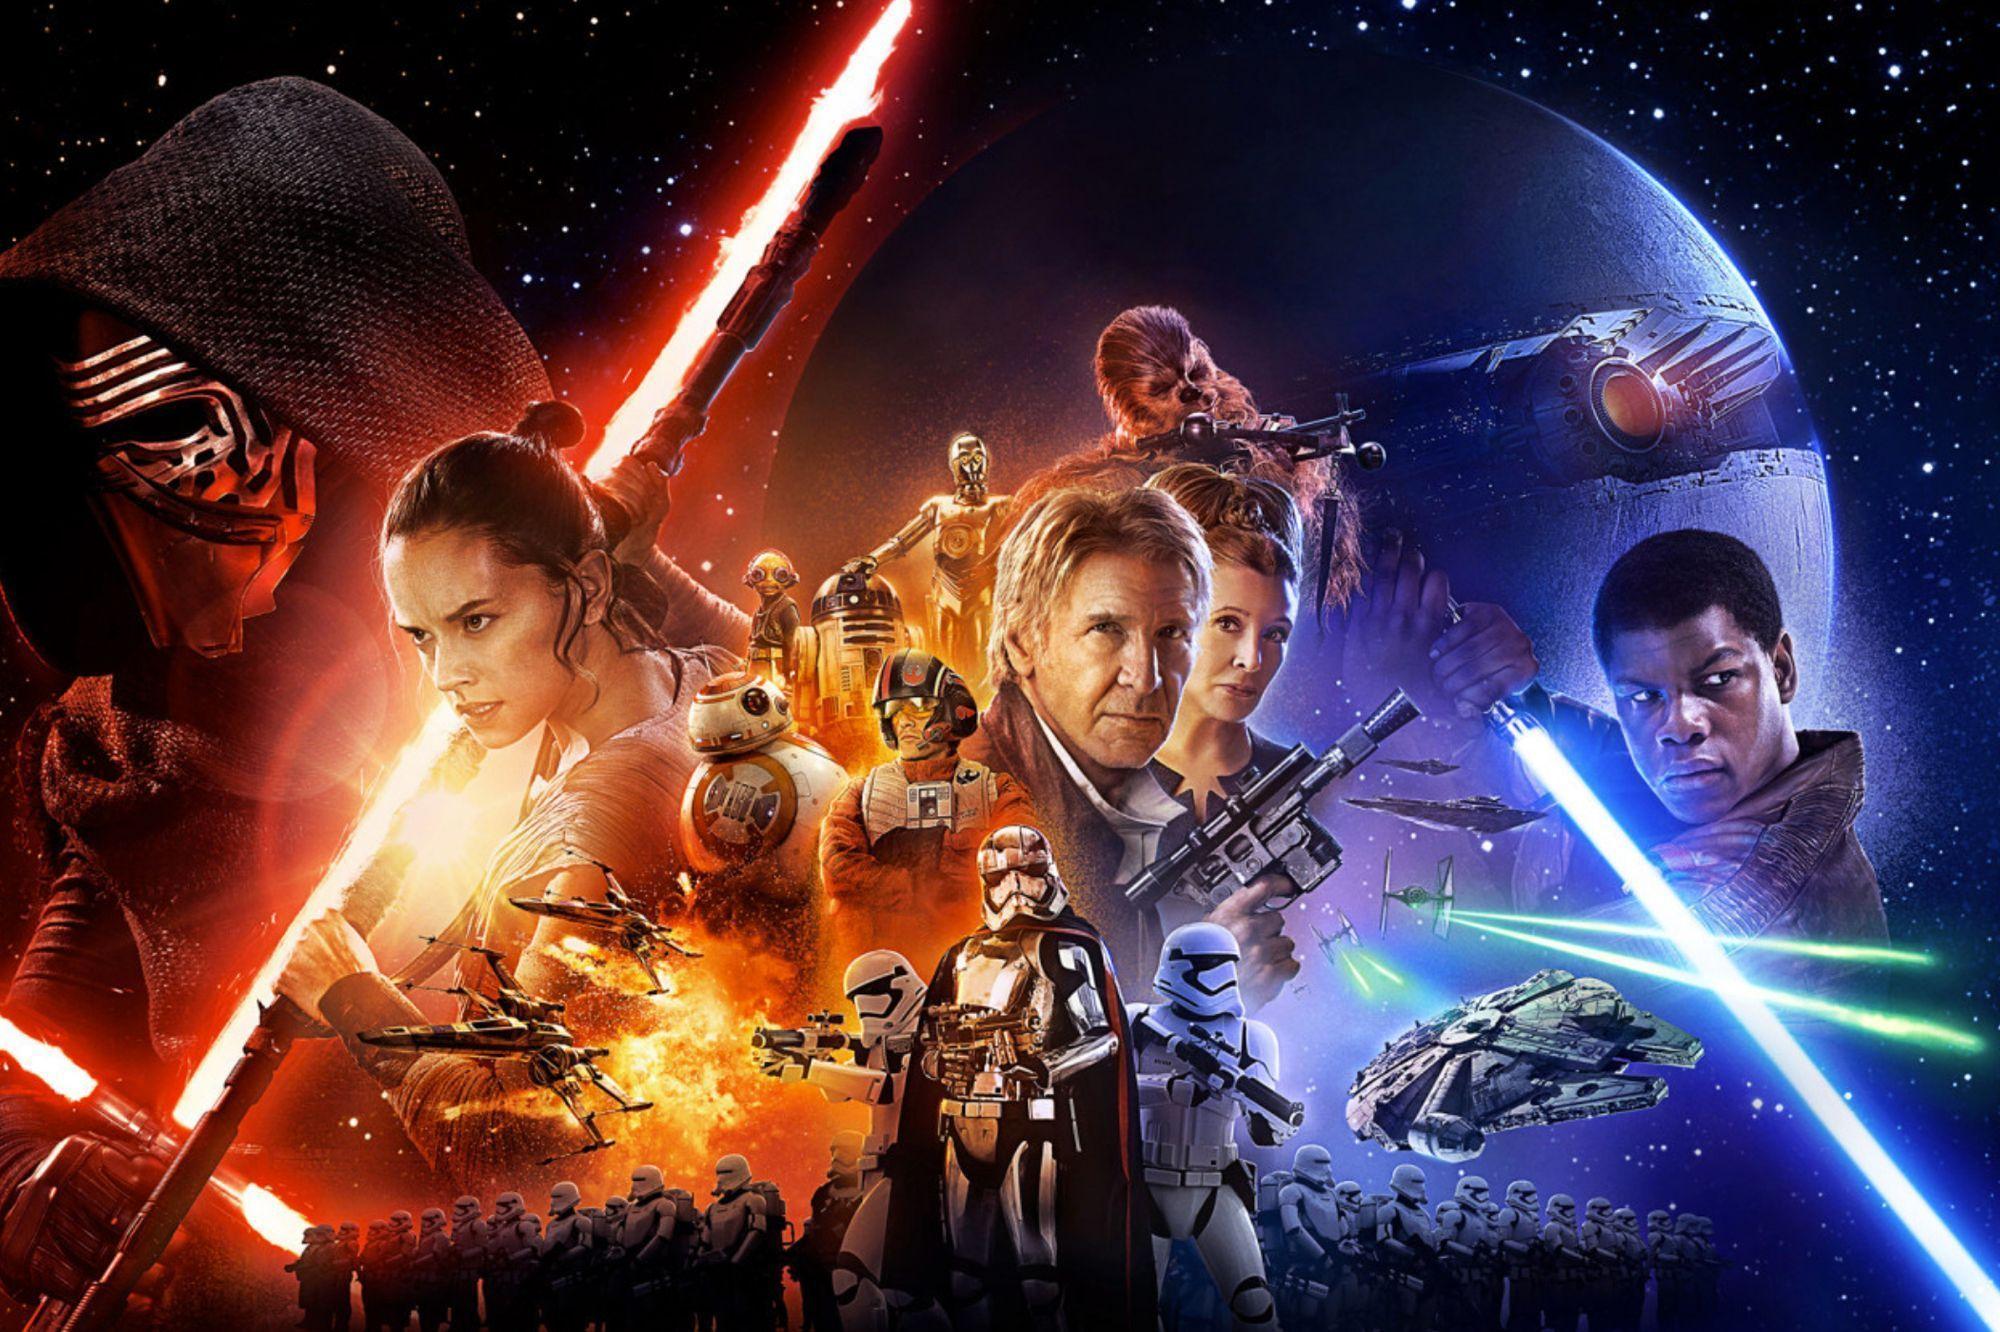 Star Wars || Libreplay, 1re plateforme de référencement et streaming de films et séries libre de droits et indépendants.